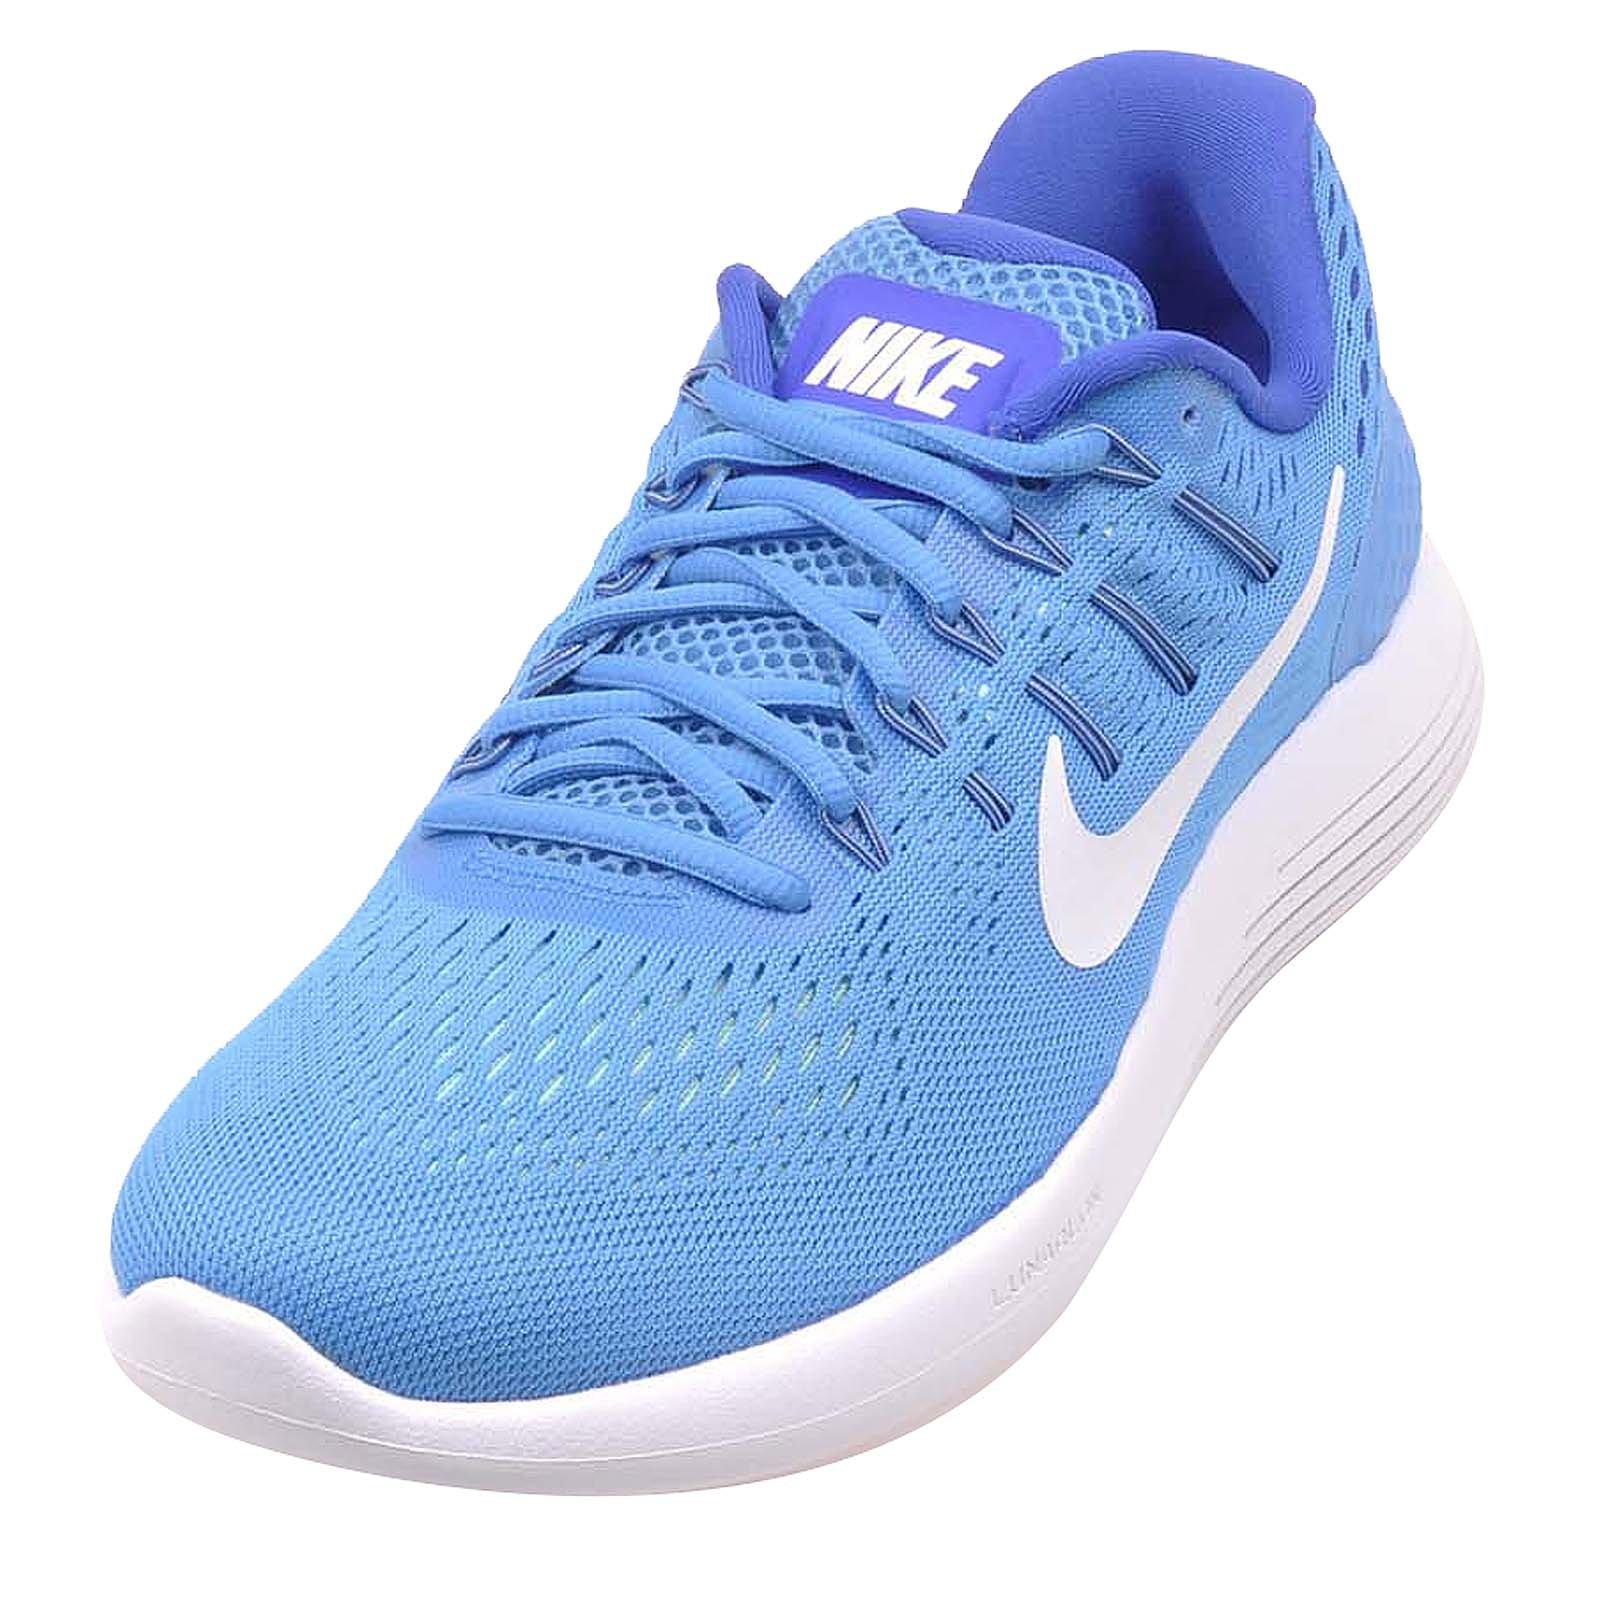 Nike Womens Lunarglide 8 Wmns Running Shoes, Ocean Fog Size 10.5 US